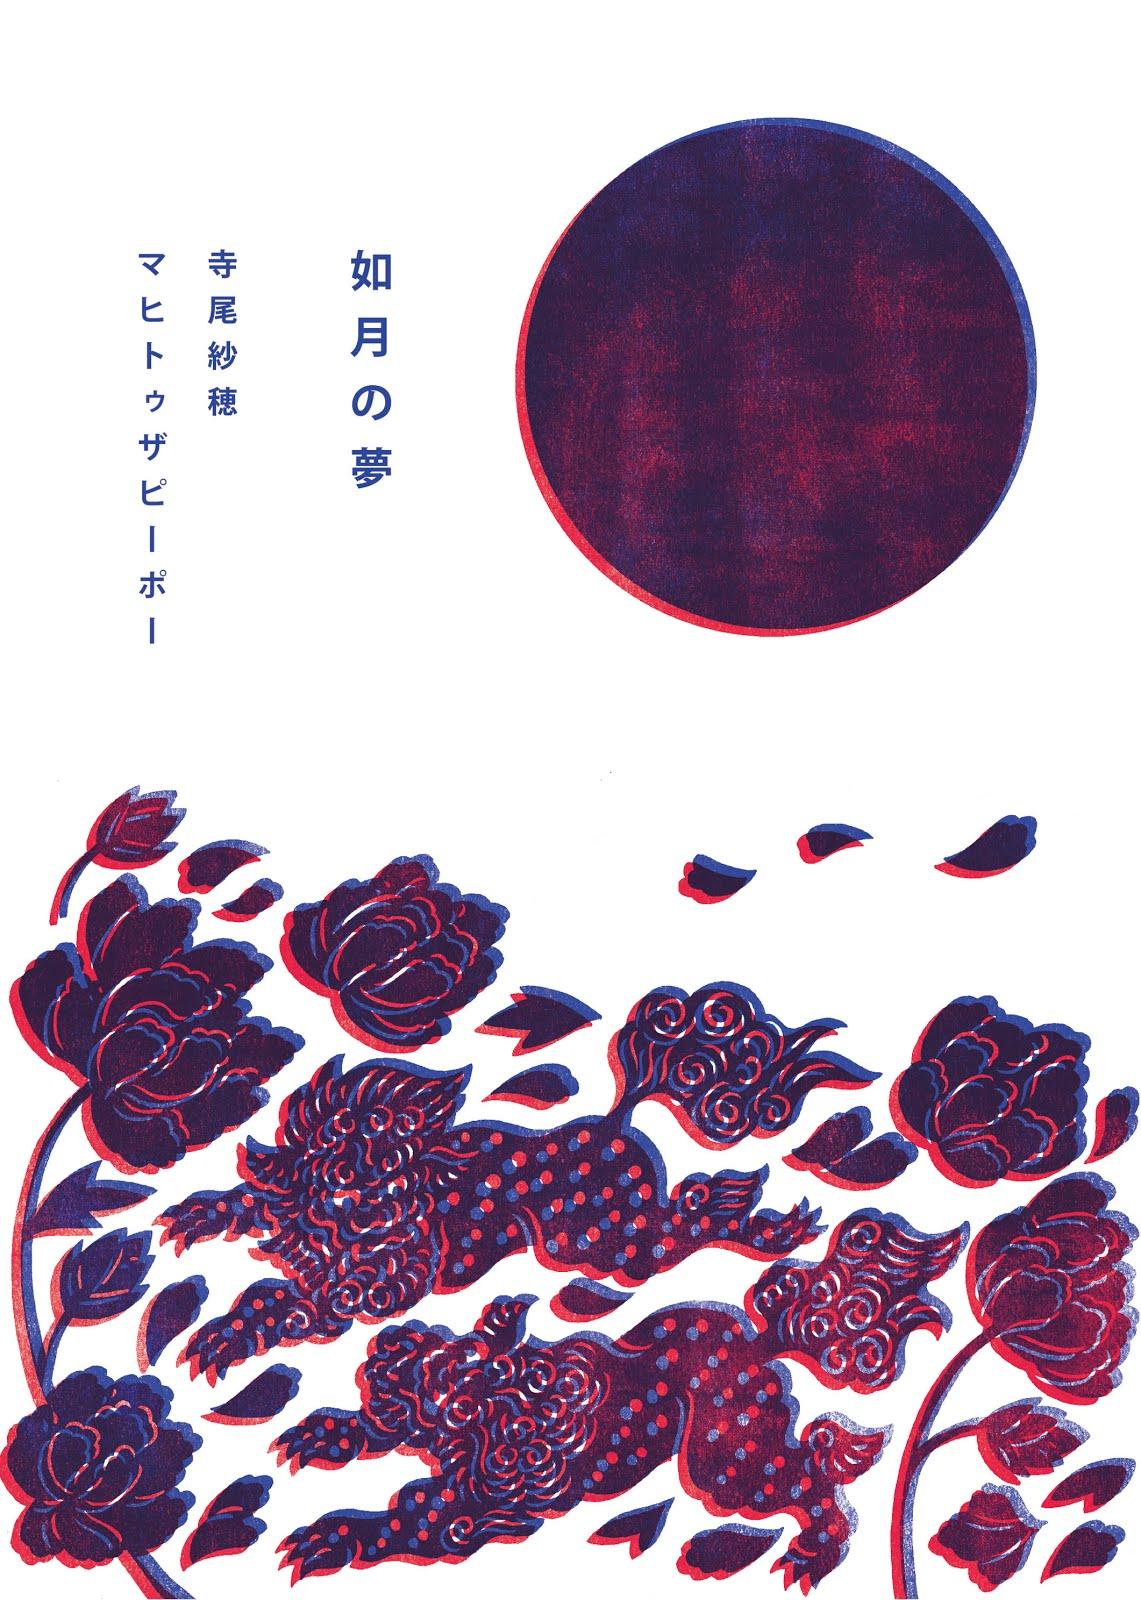 「如月の夢」寺尾紗穂 × マヒトゥ・ザ・ピーポー